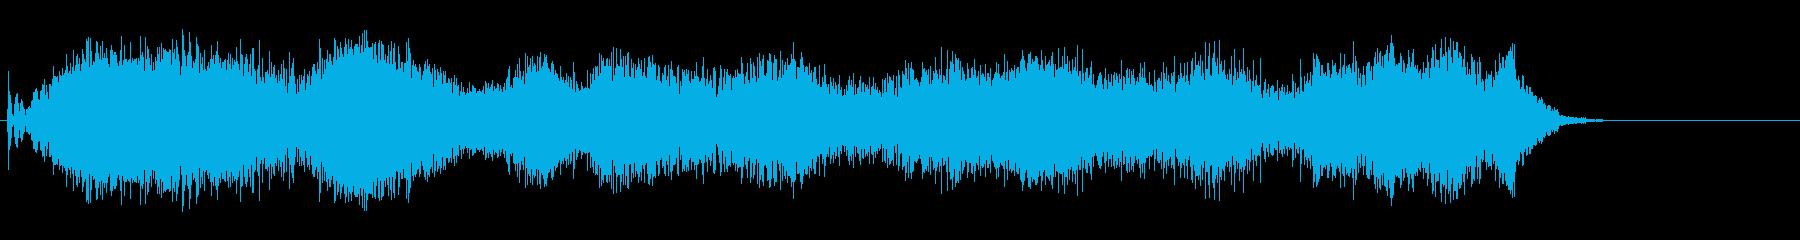 ジェットウォッシュの再生済みの波形